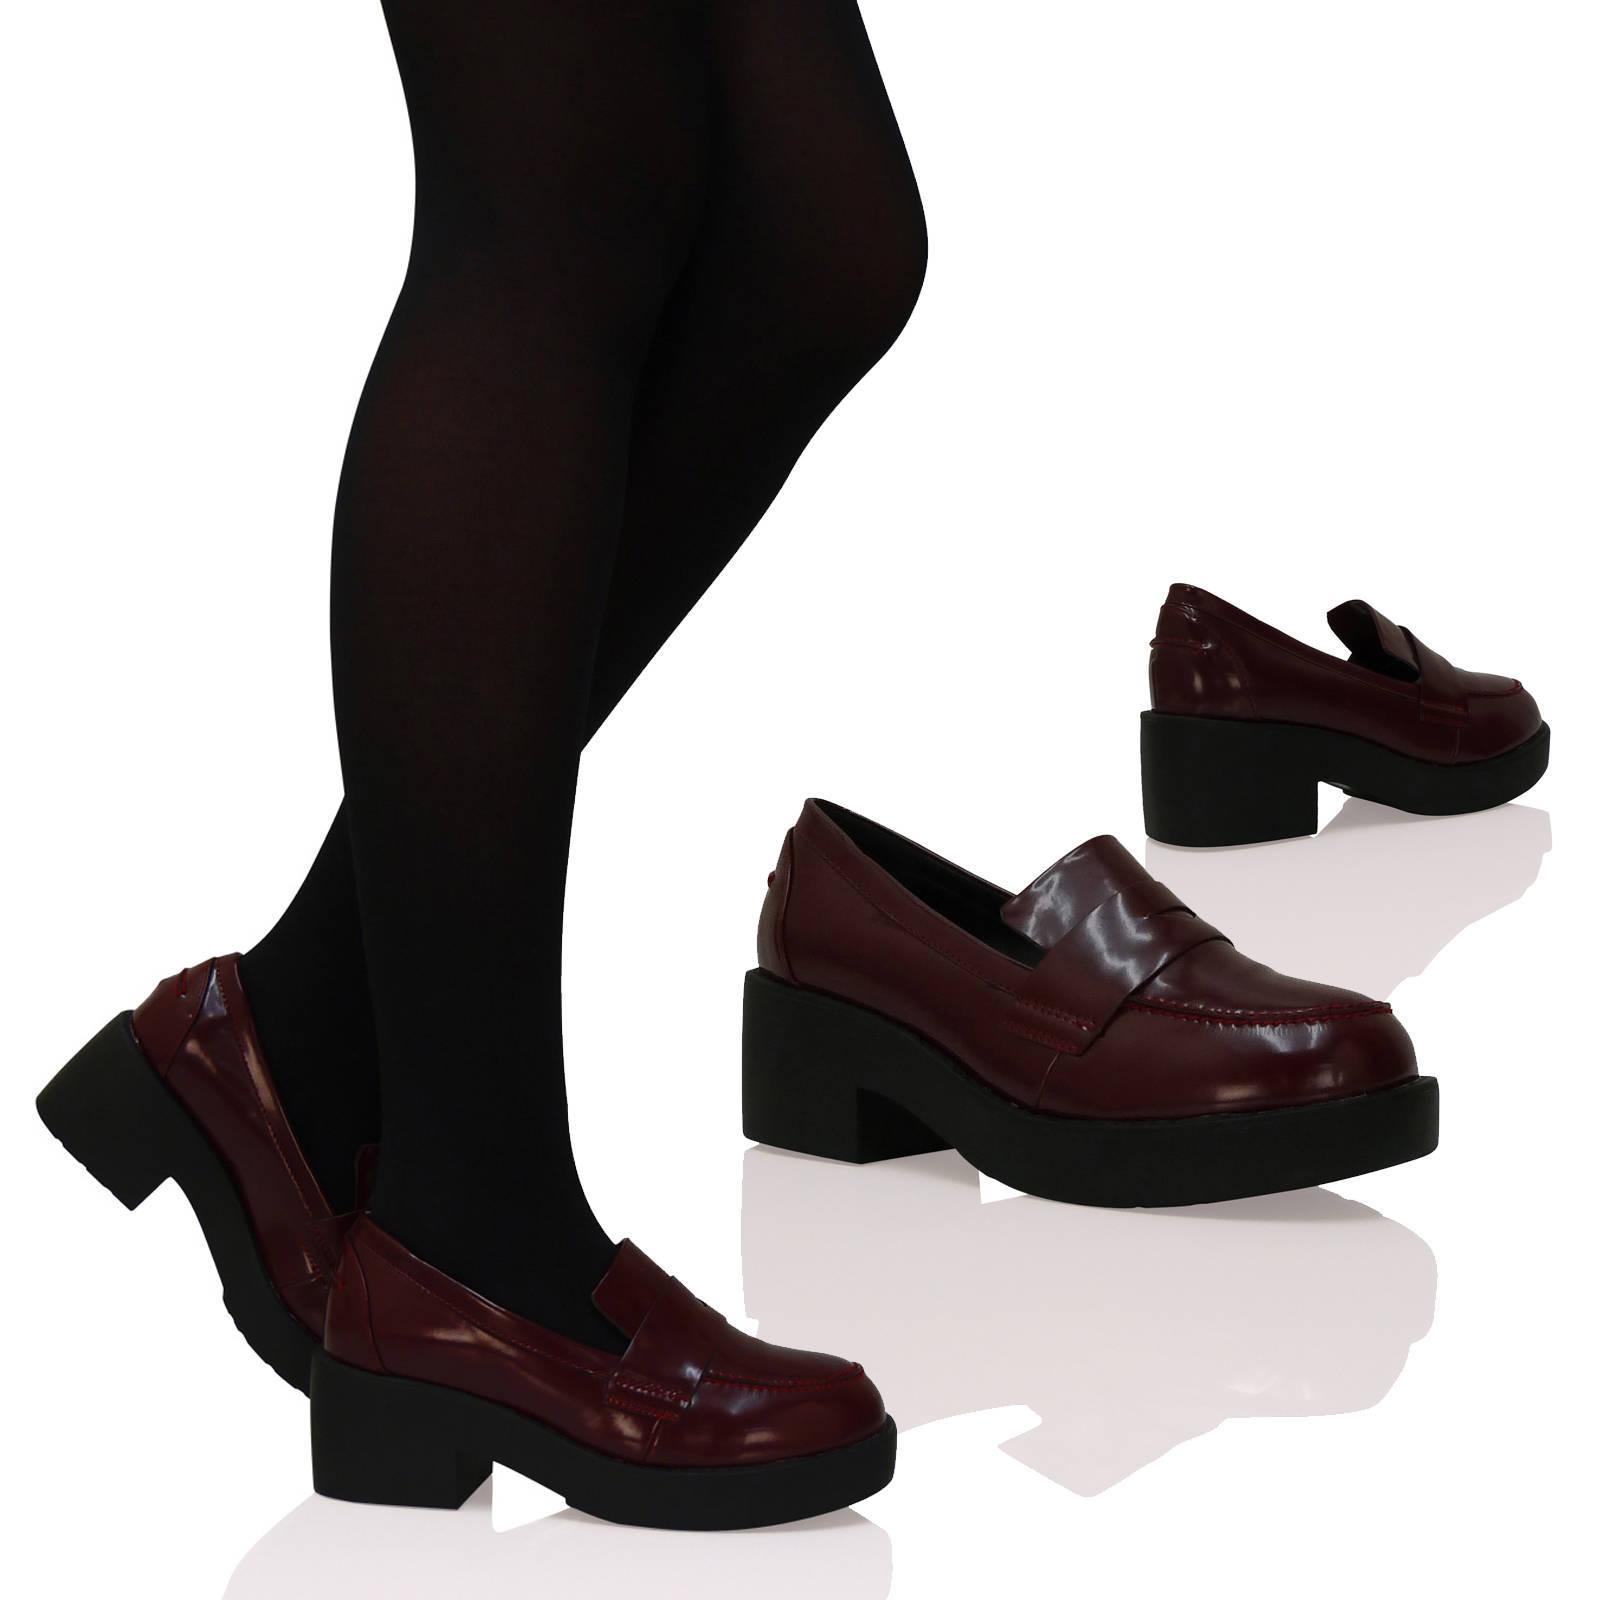 damen halbschuhe vintage retro punk gothic slipper absatz. Black Bedroom Furniture Sets. Home Design Ideas